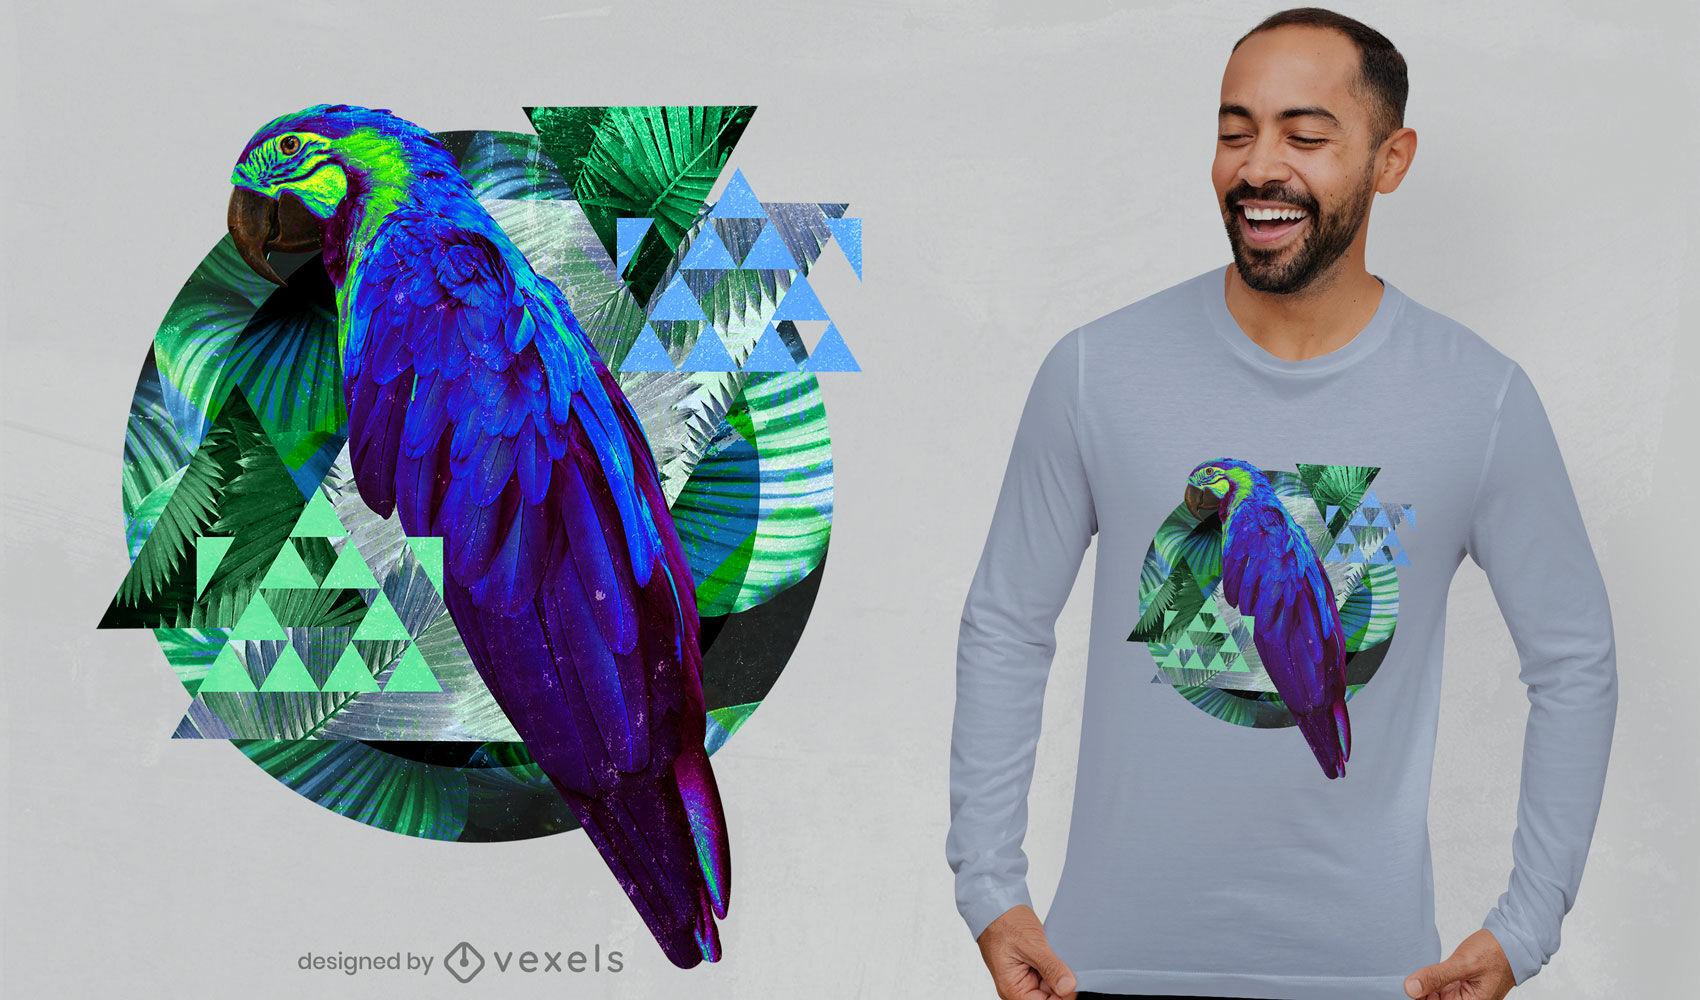 Loro con elementos geom?tricos dise?o de camiseta psd.